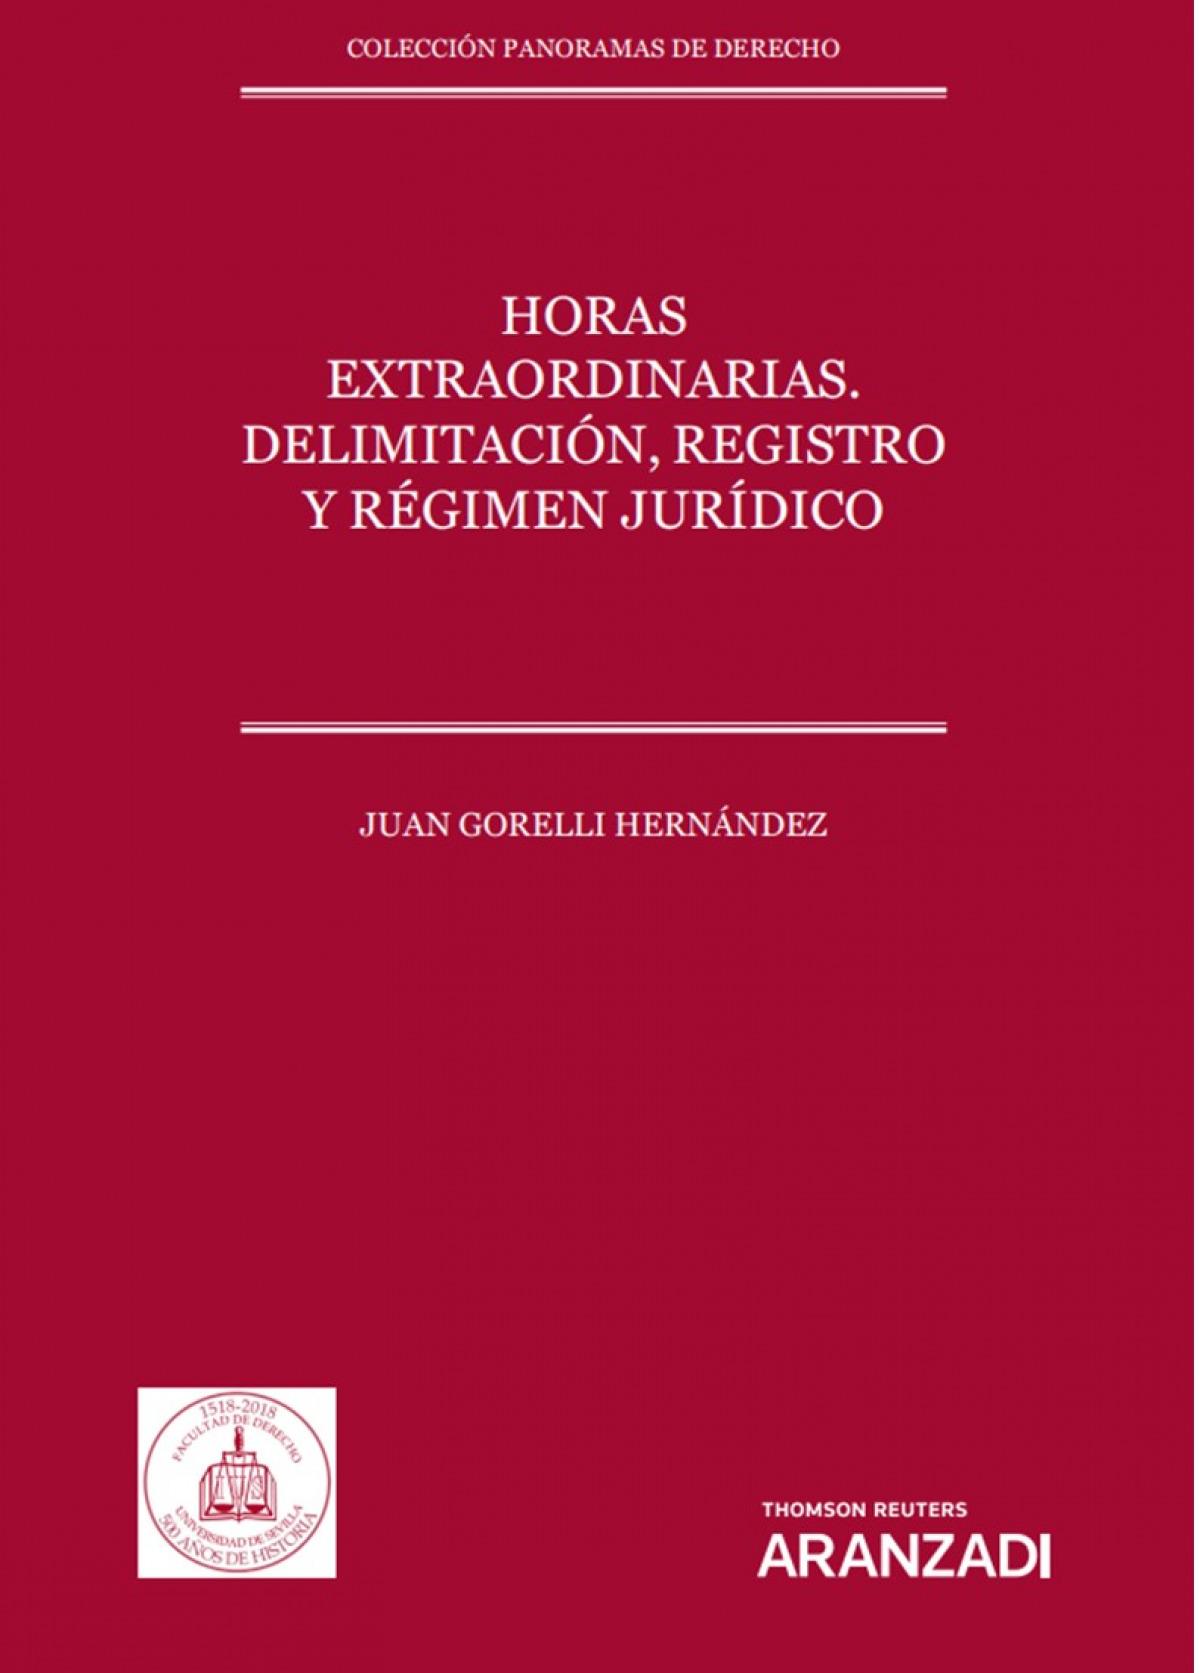 Horas extraordinarias. Delimitación, registro y régimen jurídico